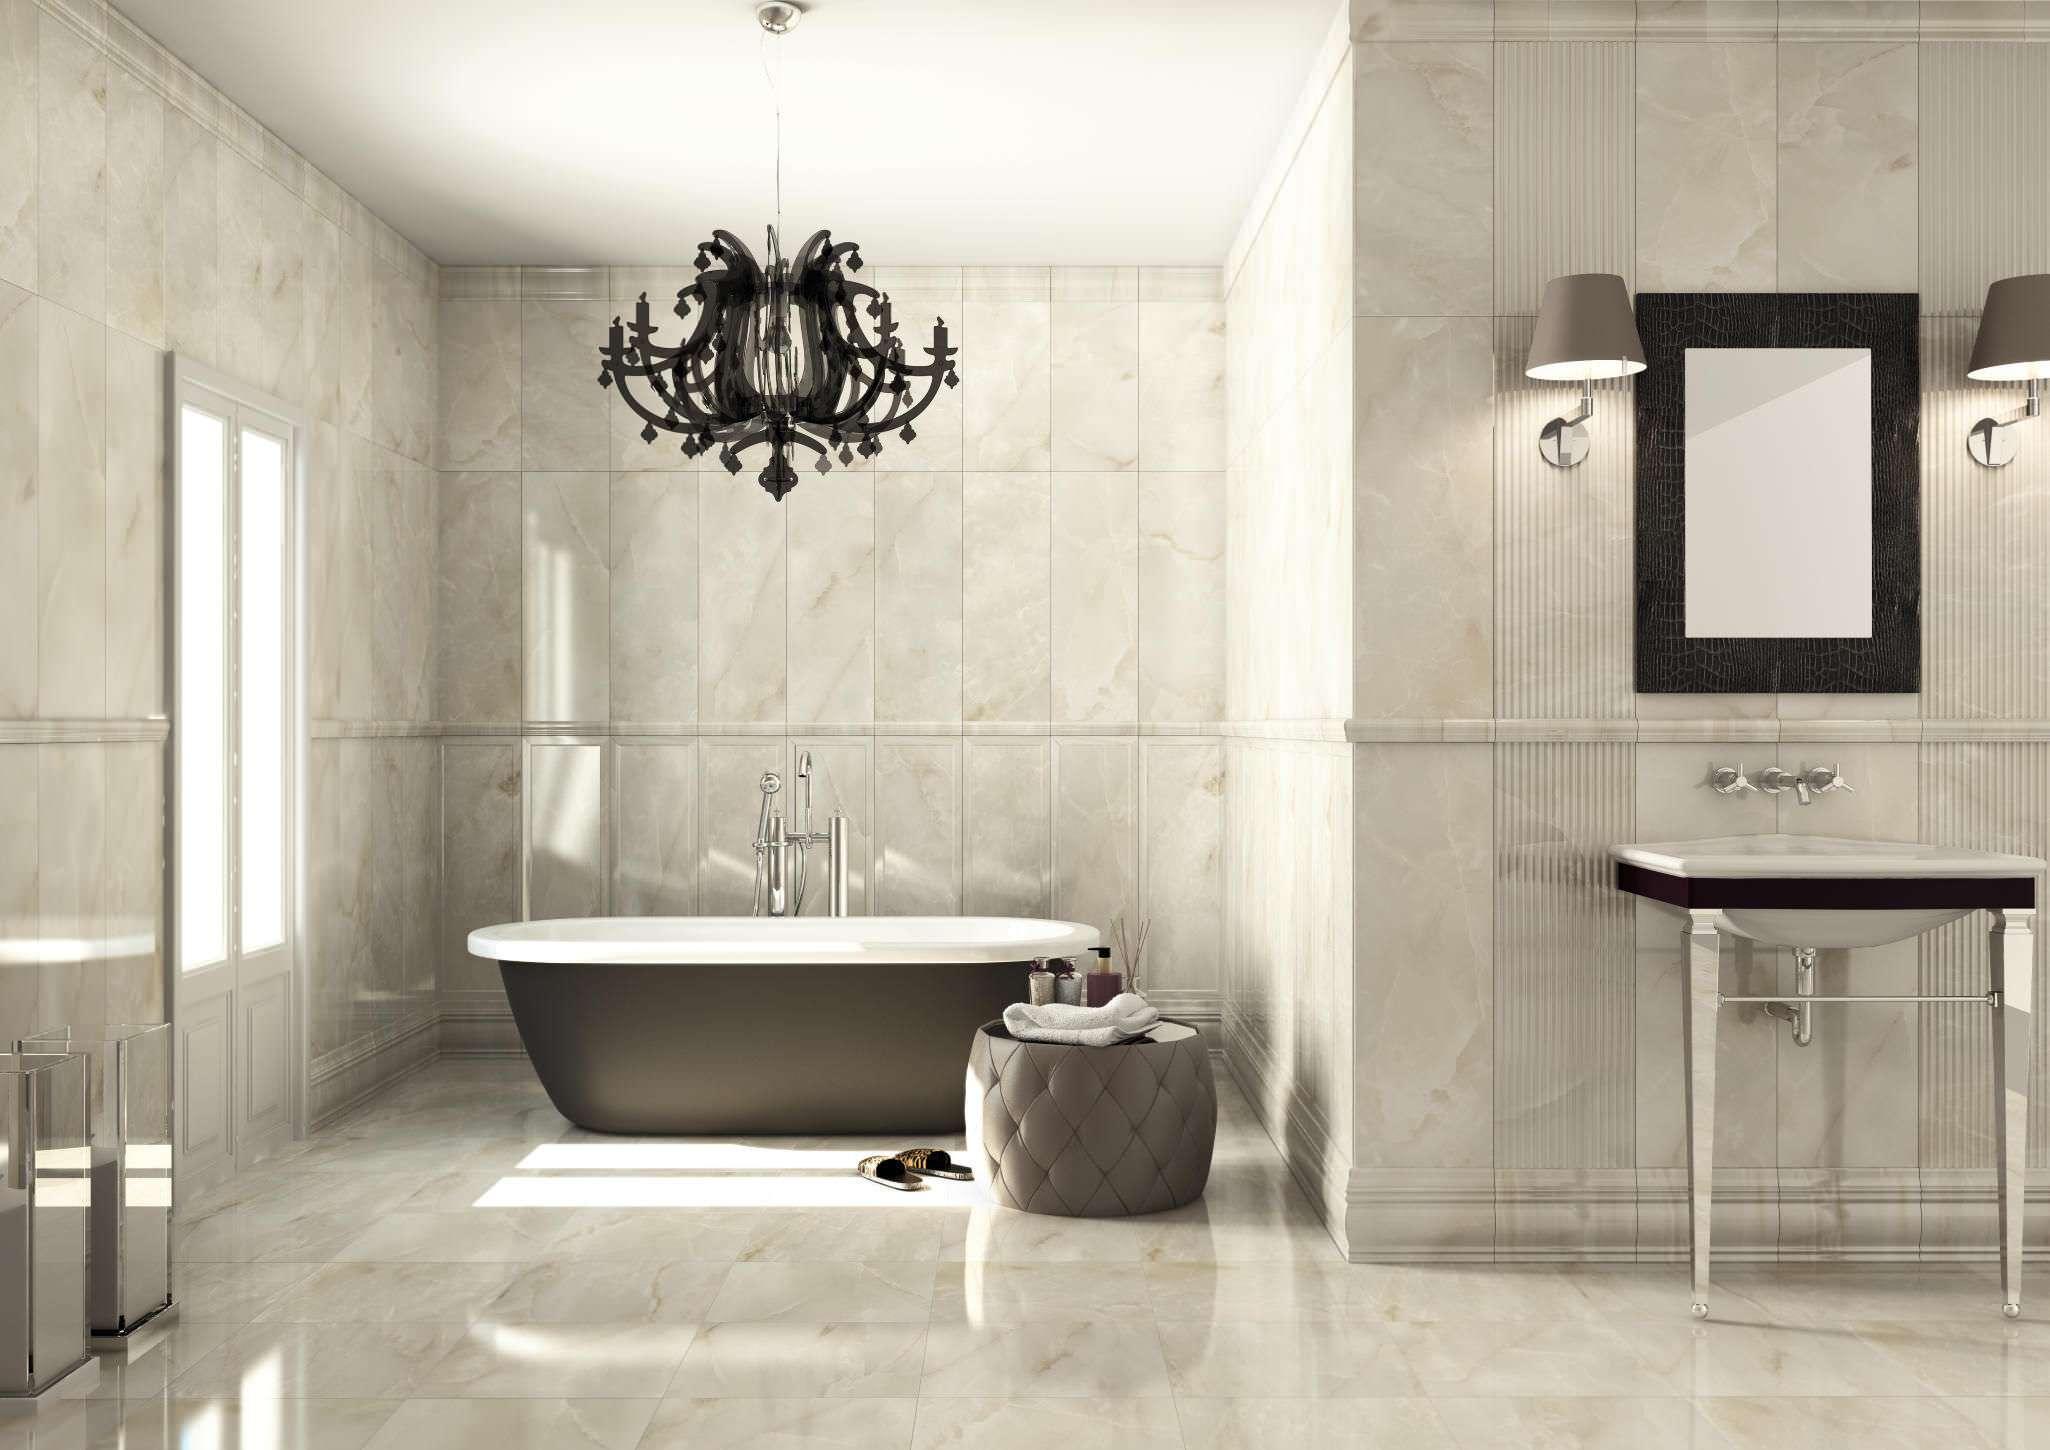 Wall Mounted Modern Bathroom Tiles Walls Ideas